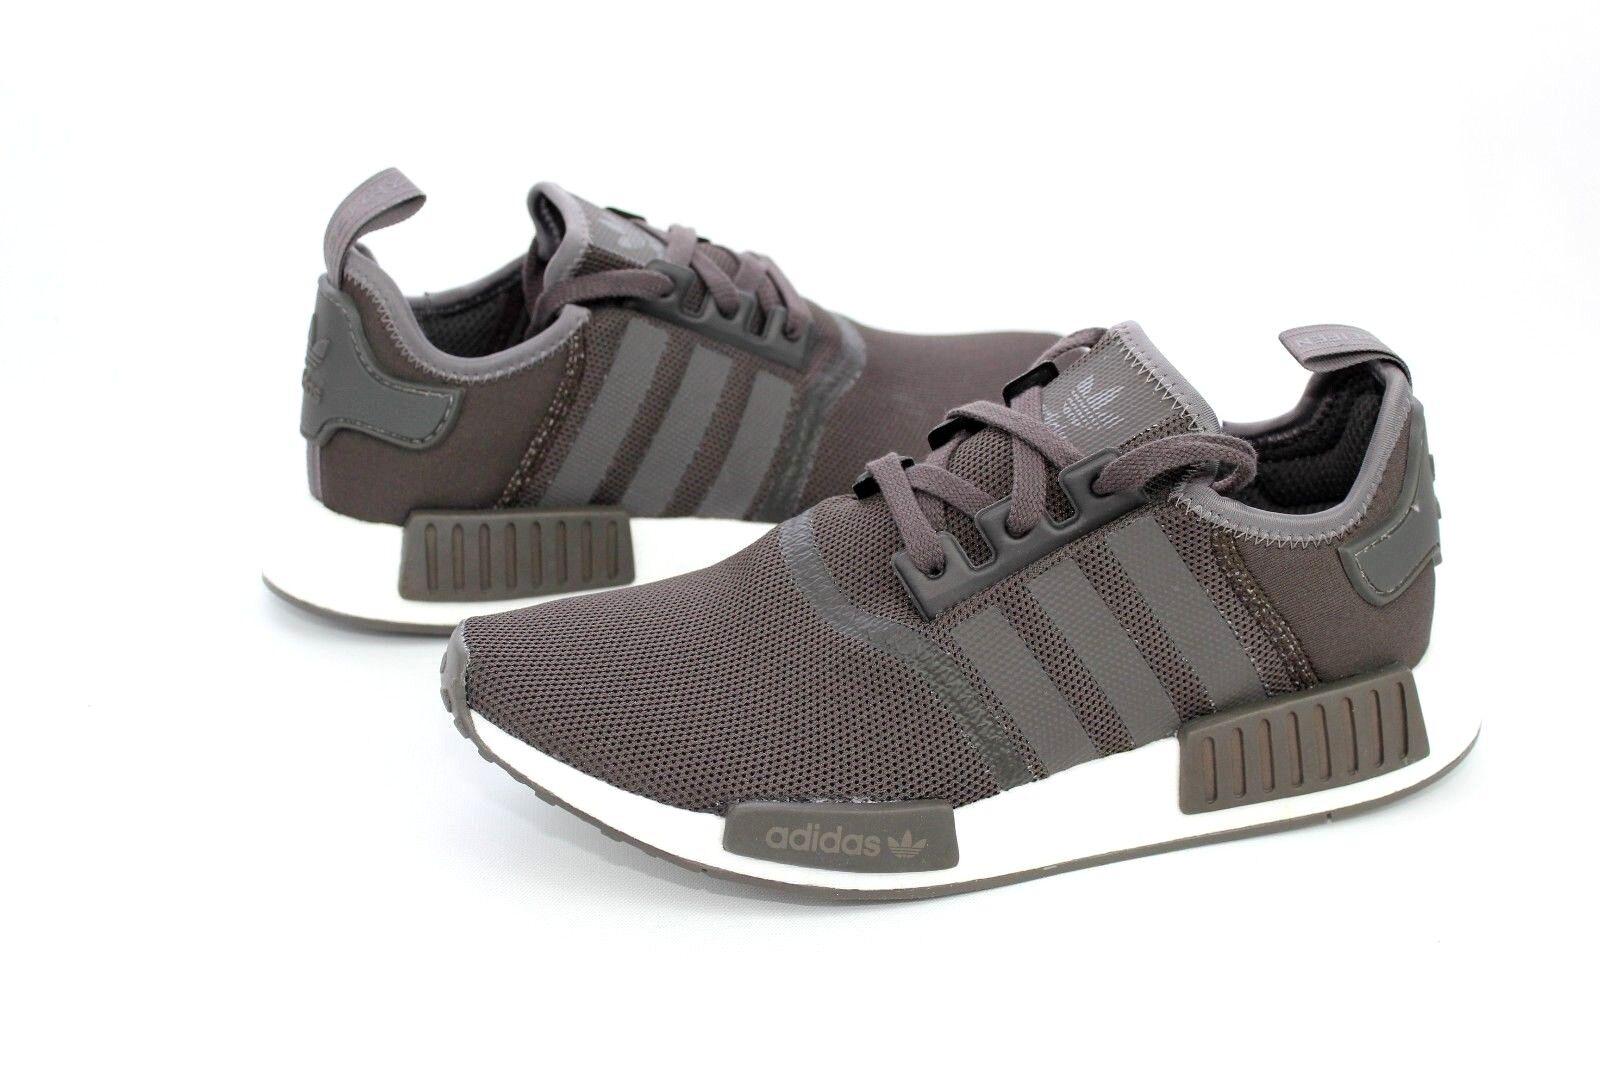 Adidas originals nmd metallic r1 schuhe spur grau metallic nmd / weiße männer größe für uns. 673033